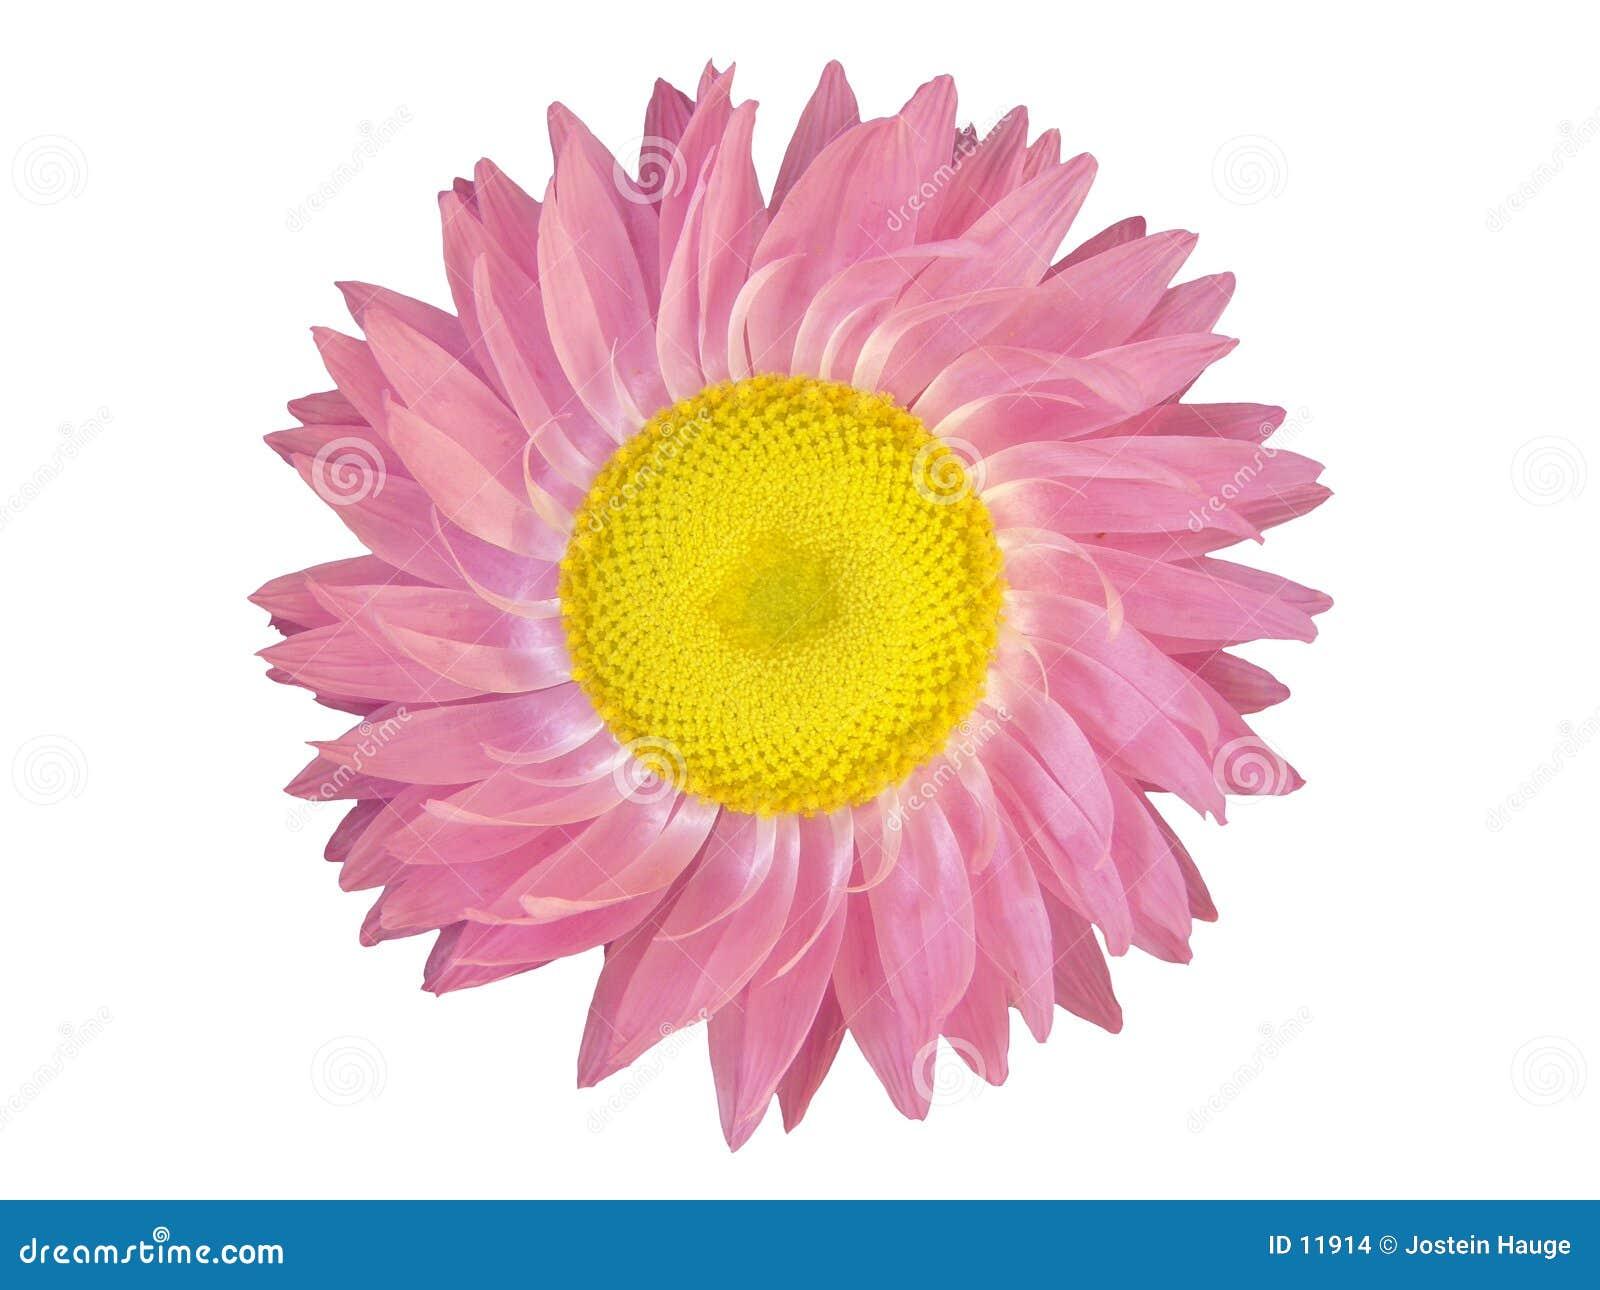 Elementi di disegno: Testa di fiore dentellare